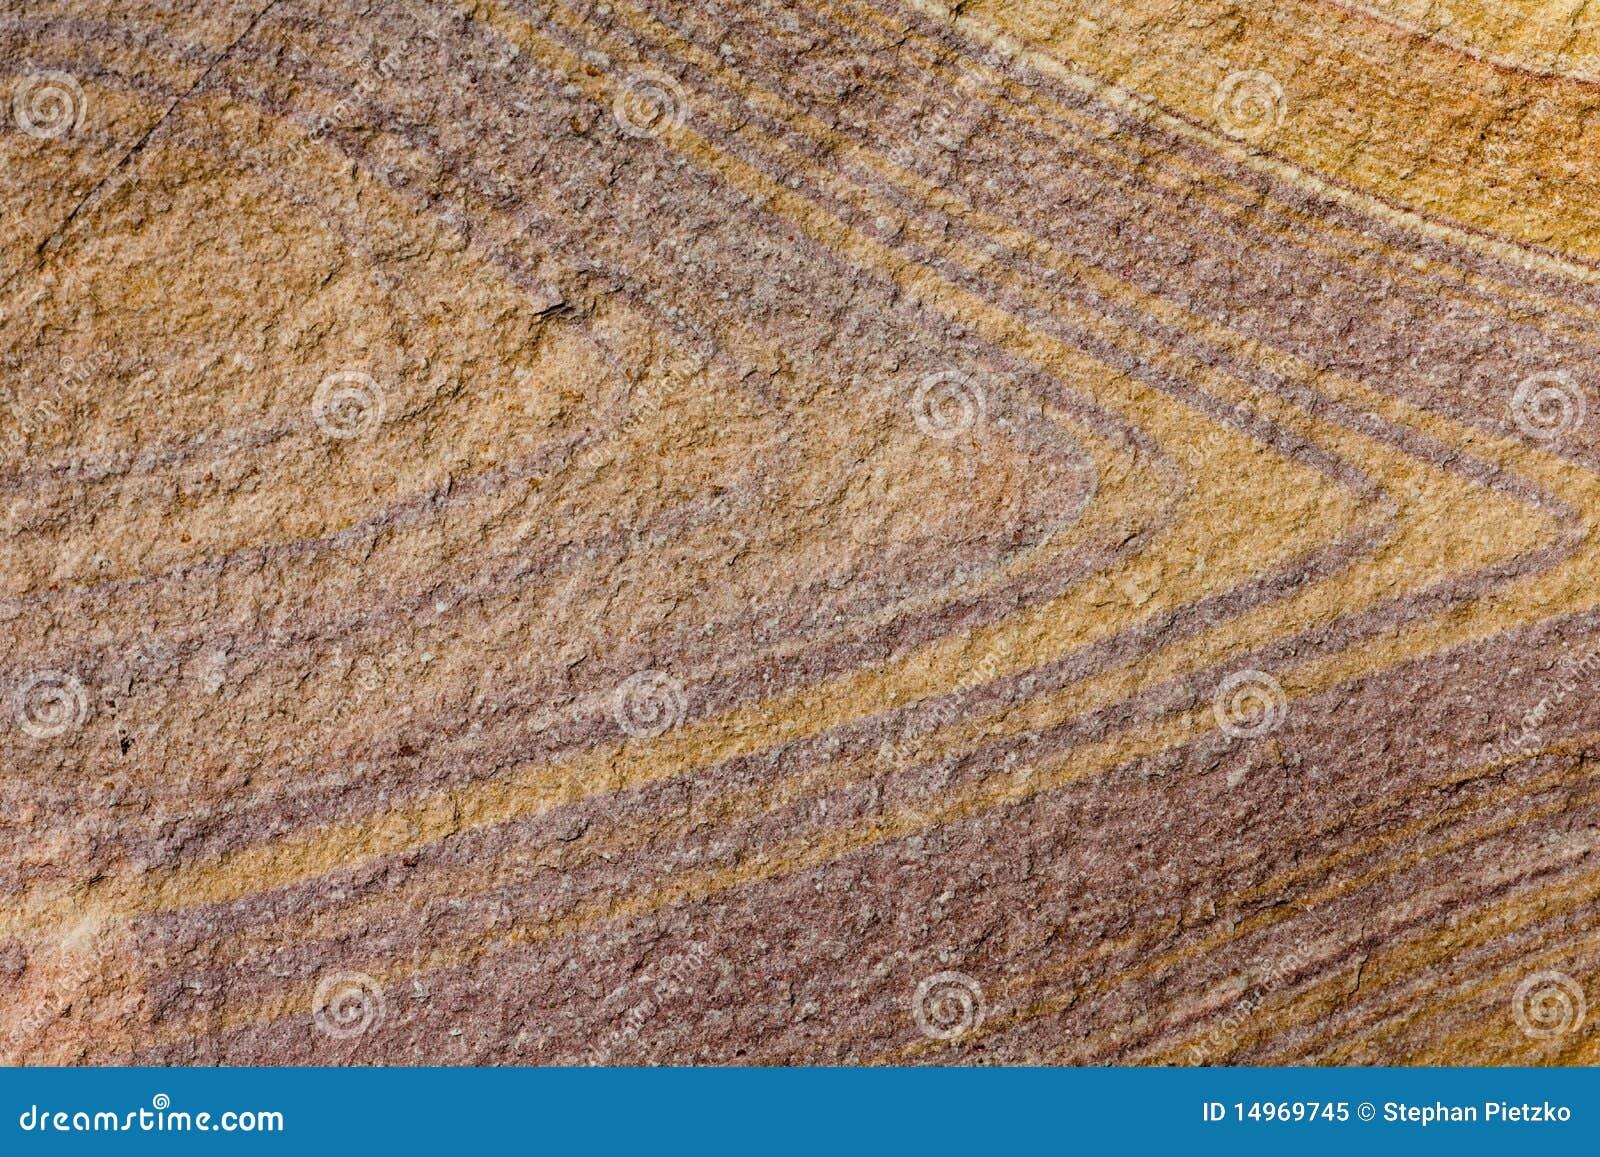 分层堆积砂岩